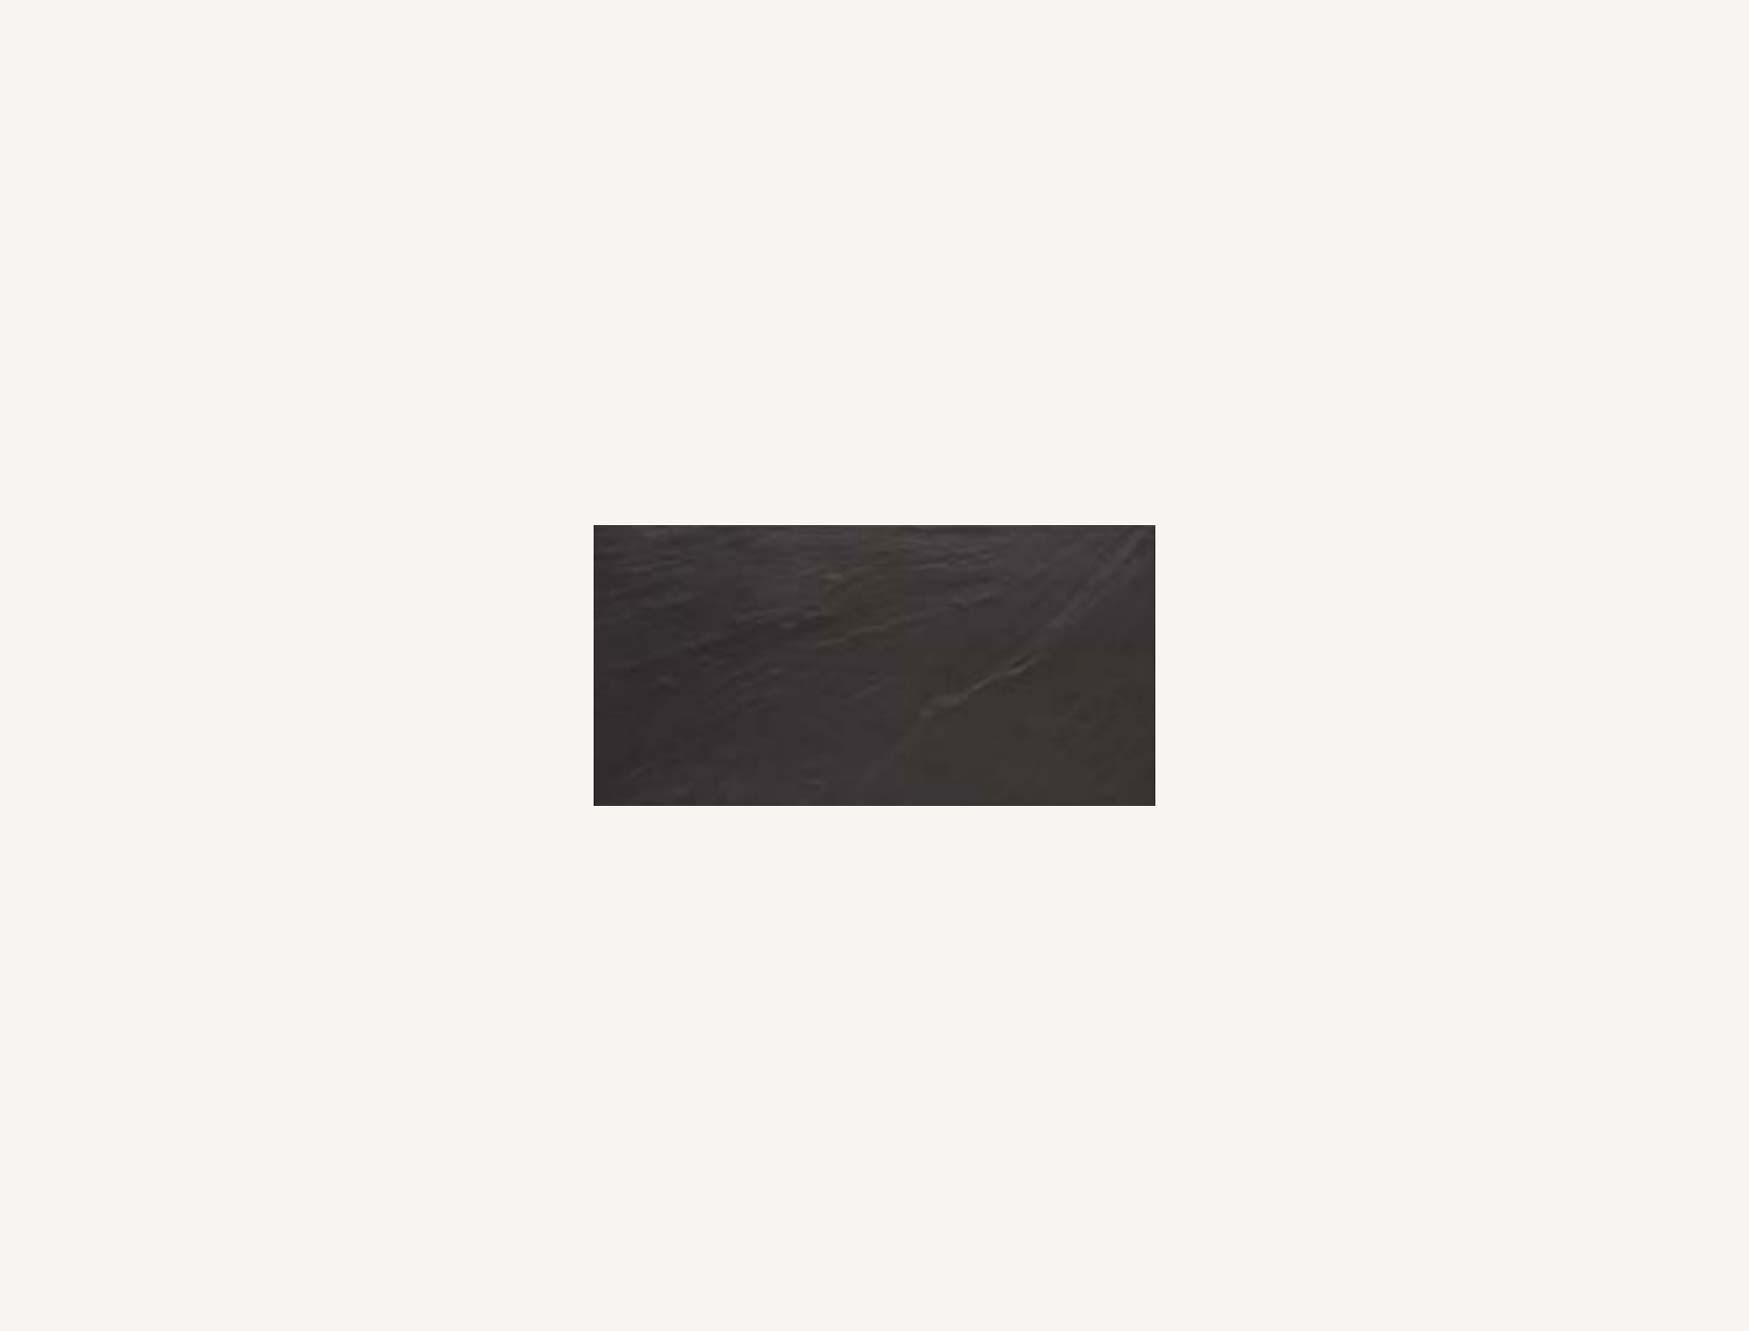 Rustic-Black-Matt-60x30 tiles